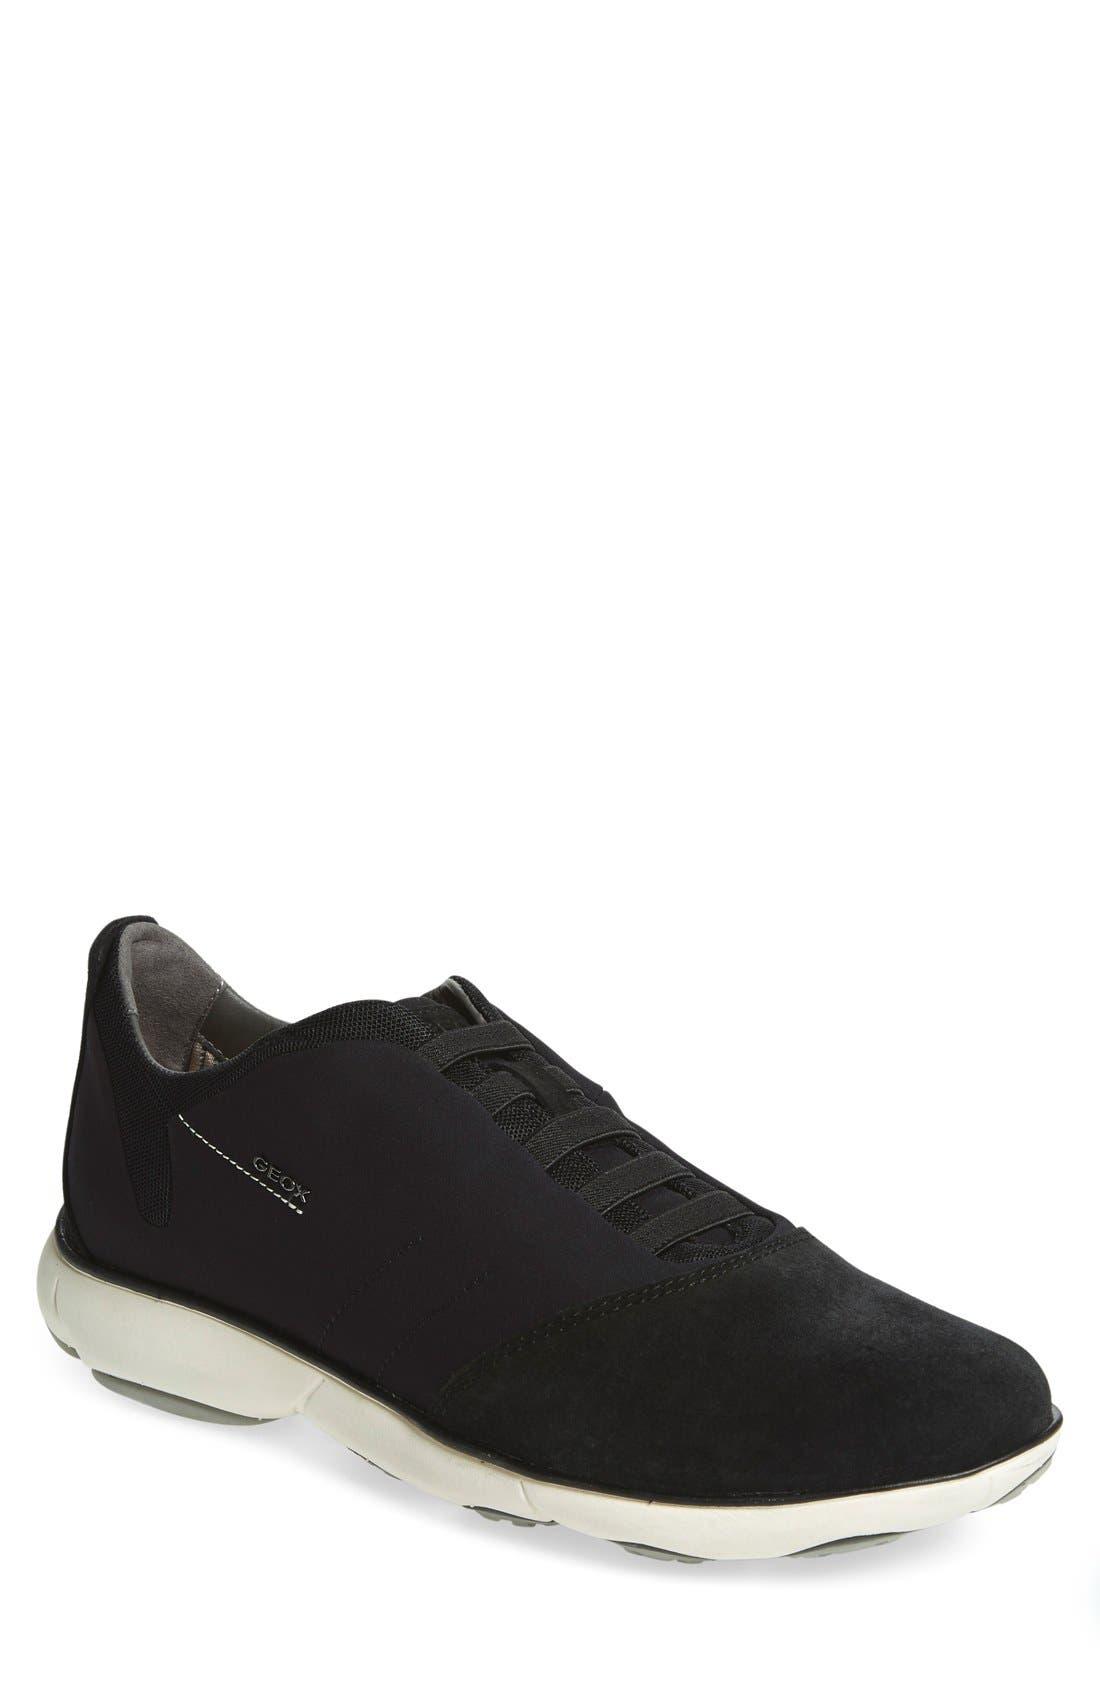 GEOX 'Nebula 17' Slip-On Sneaker